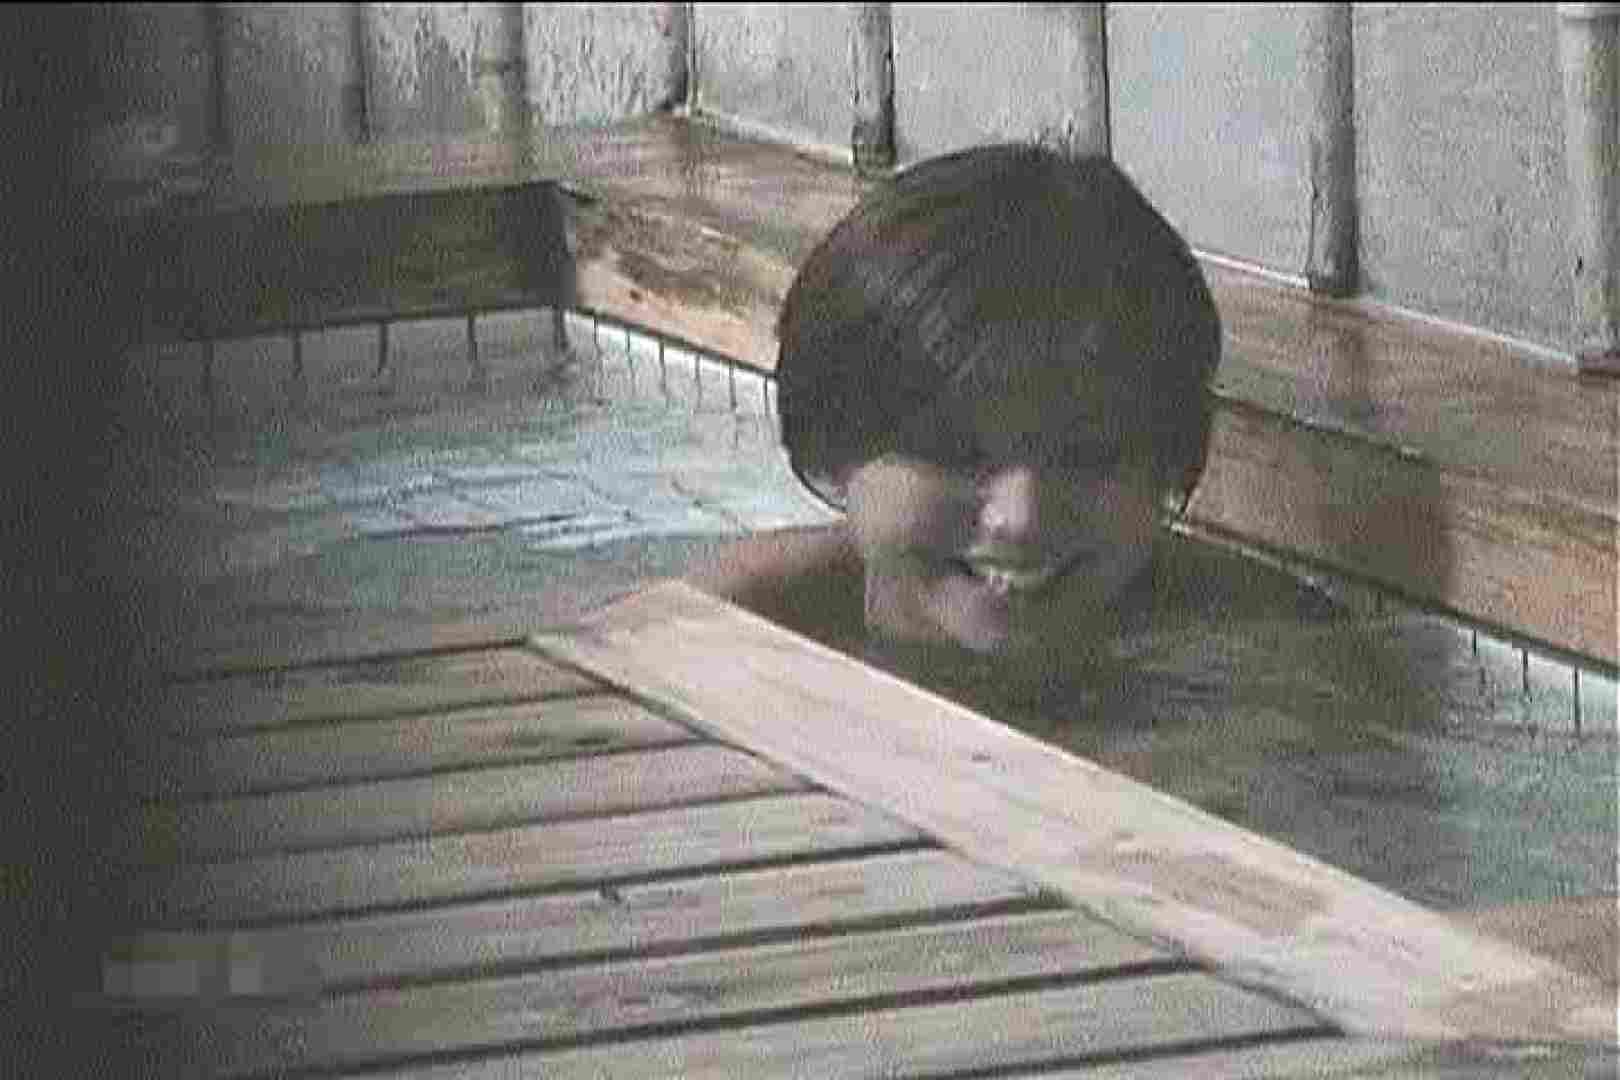 全裸で発情!!家族風呂の実態Vol.3 すけべな素人 ヌード画像 95画像 80